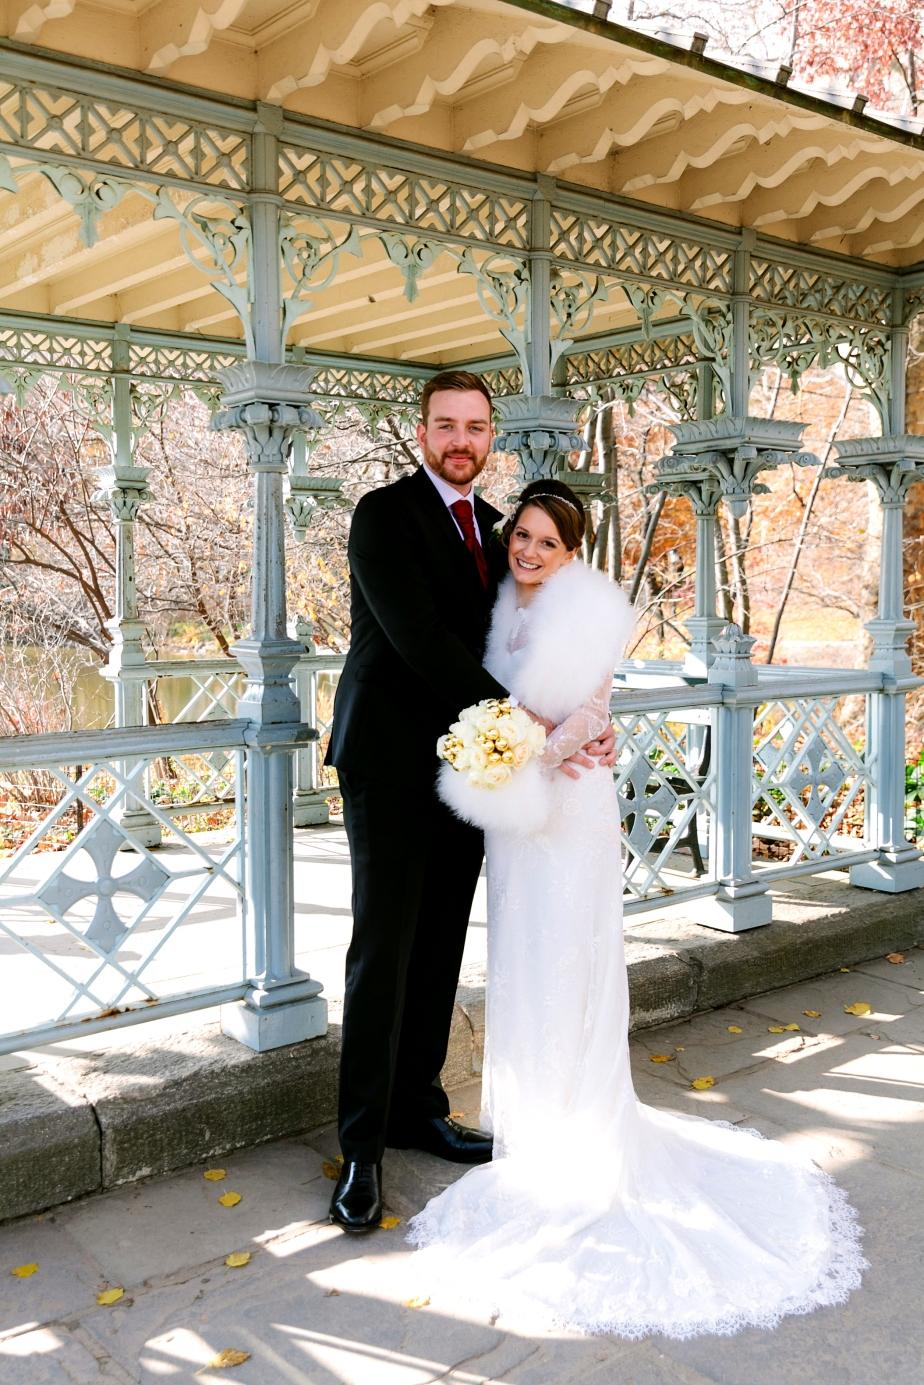 centralpark_ladiespavilion_wedding_HR-142